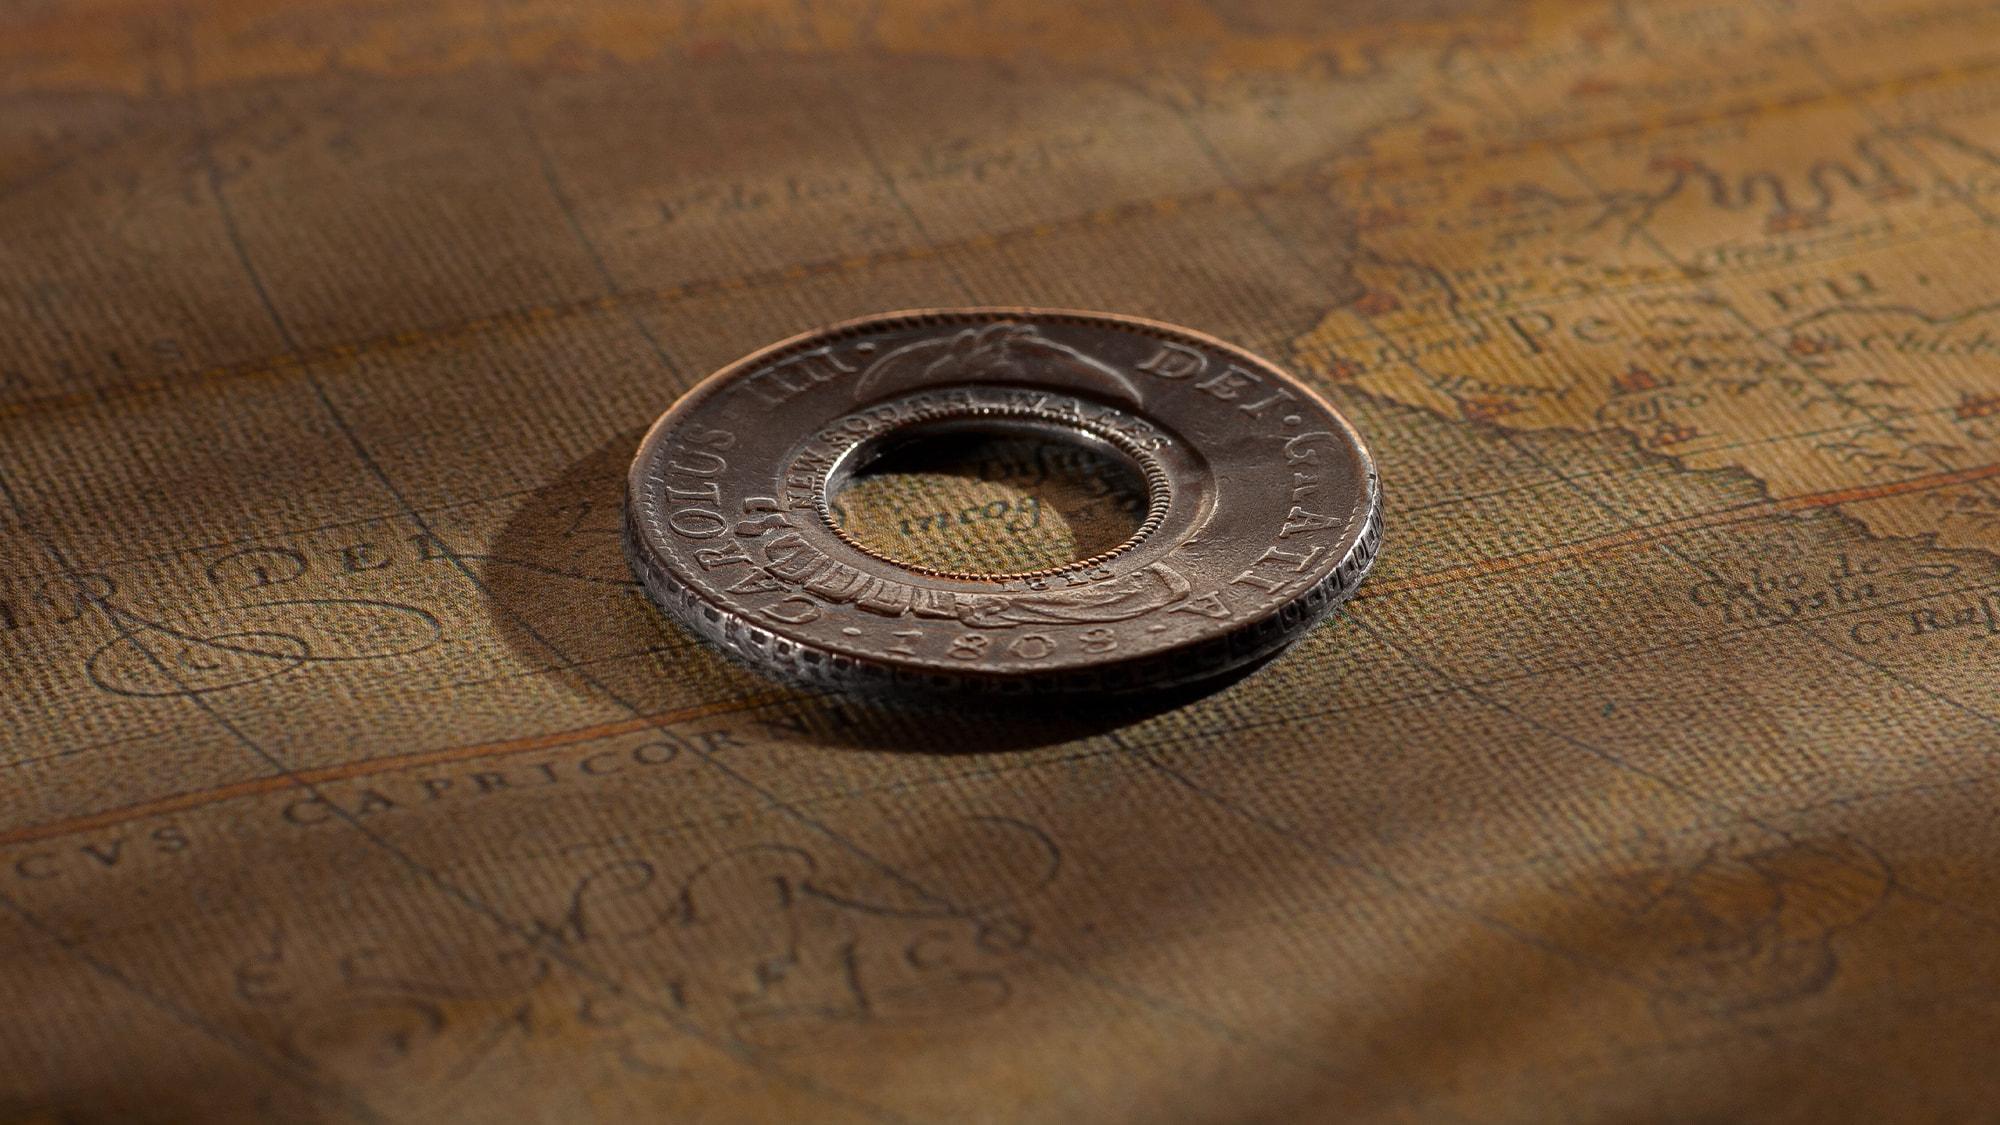 1808-Holey-Dollar-Mexico-Mint-OBV-gVF-aEF